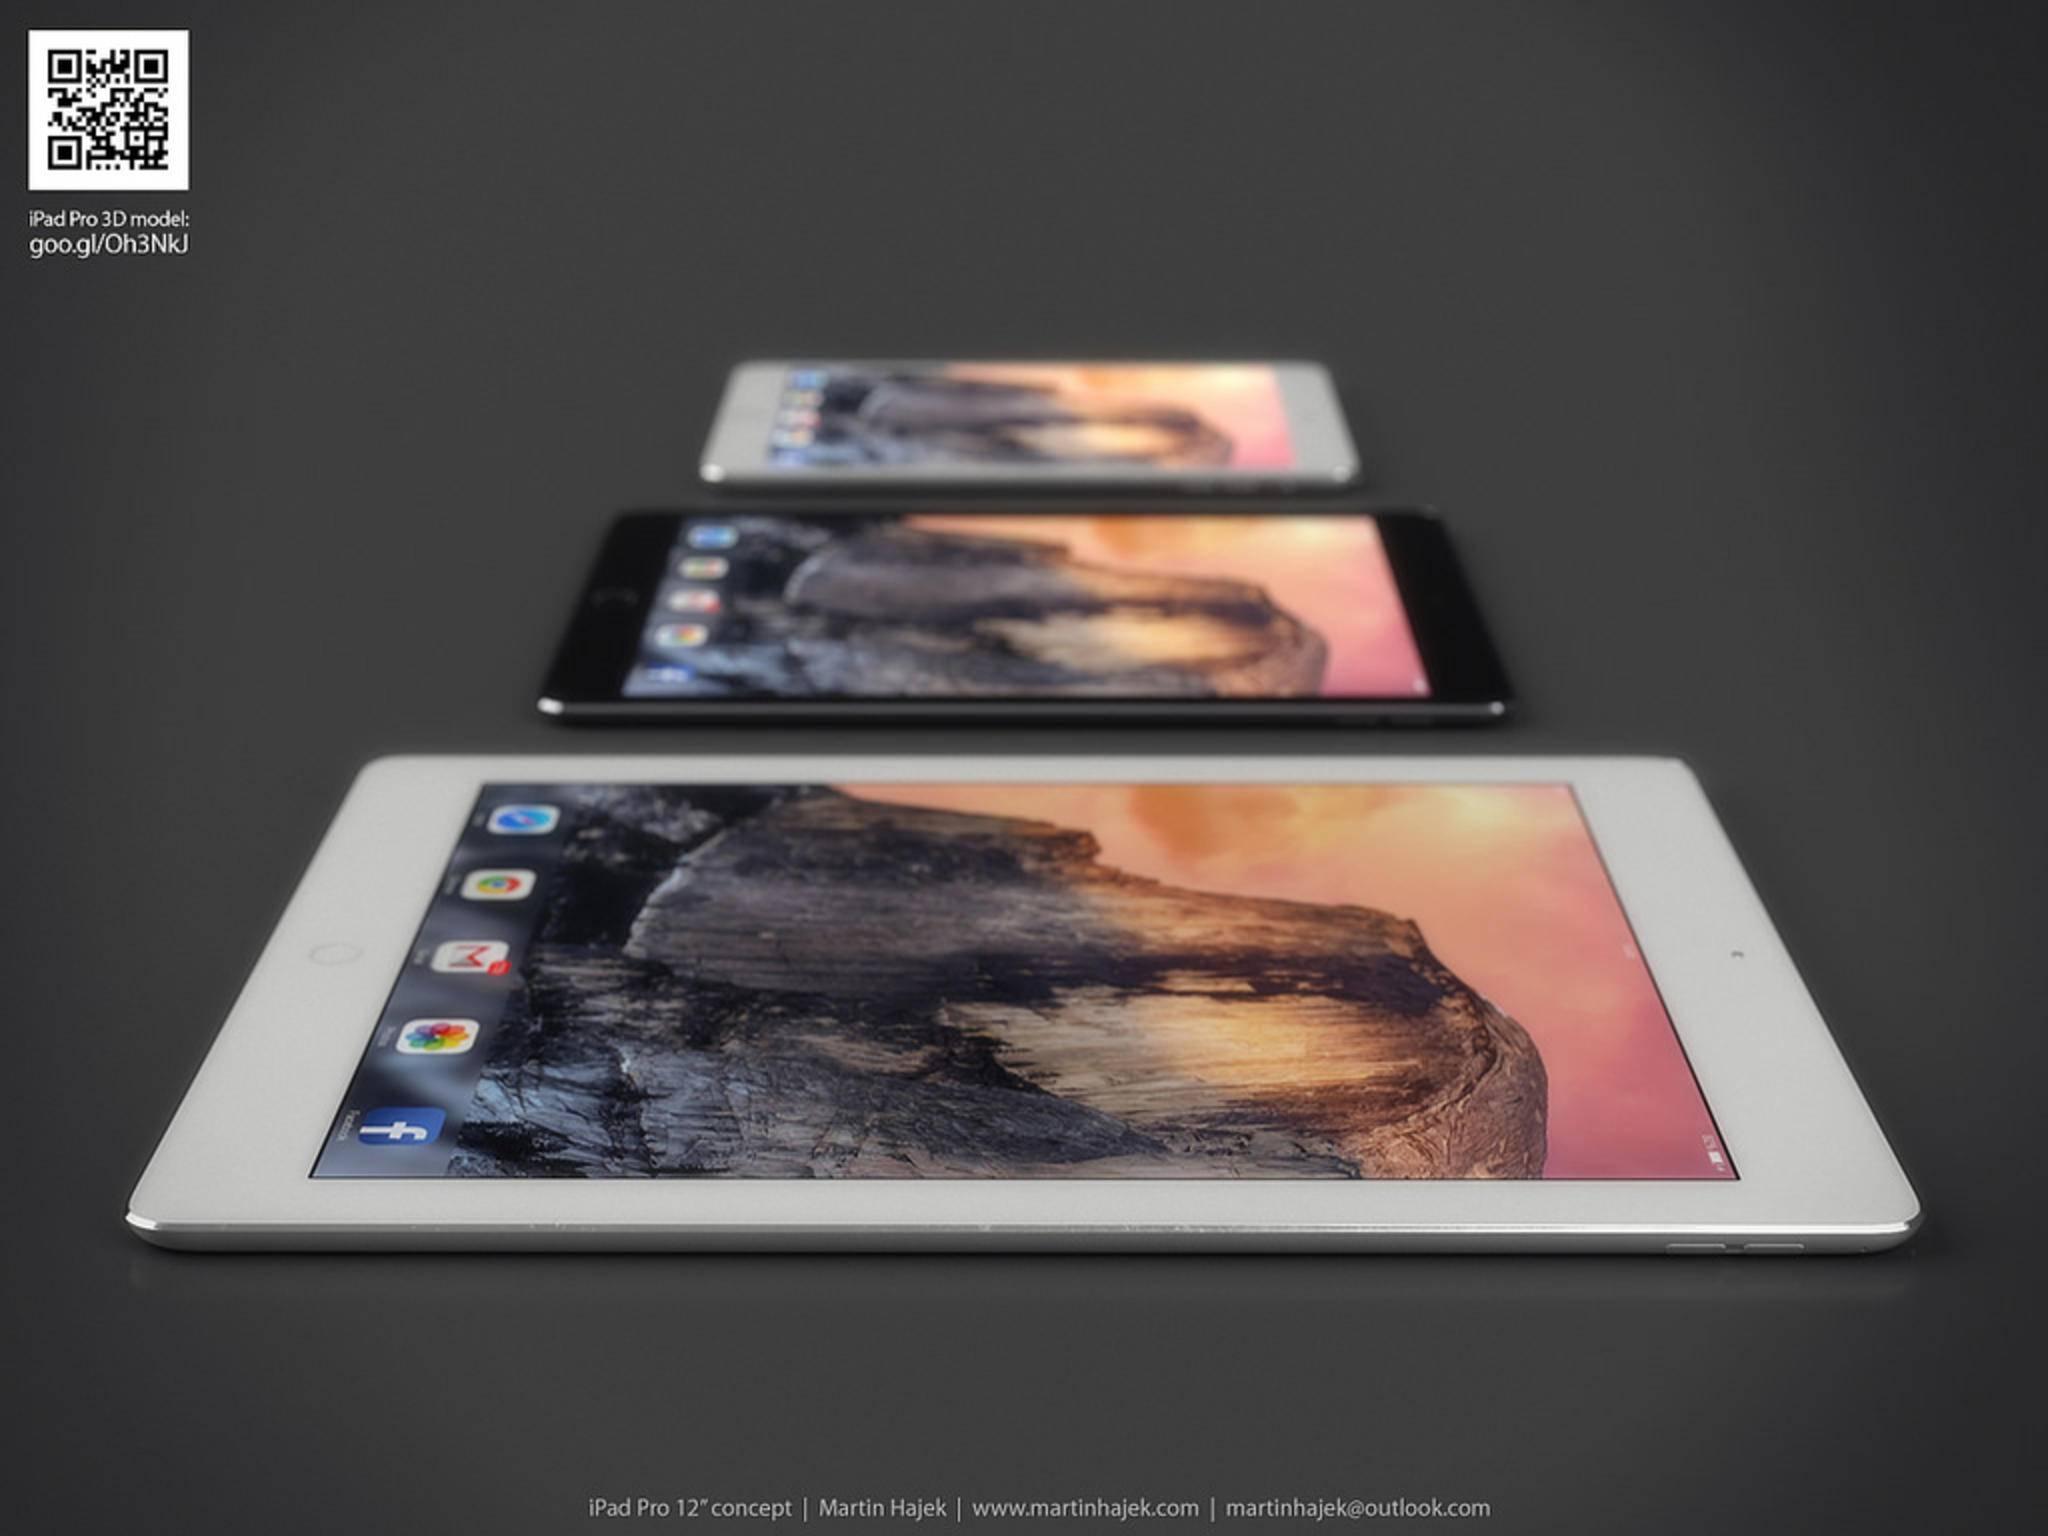 Eine Konzeptstudie des iPad Pro: Apple will es noch mehr zu einem Business-Gerät machen.